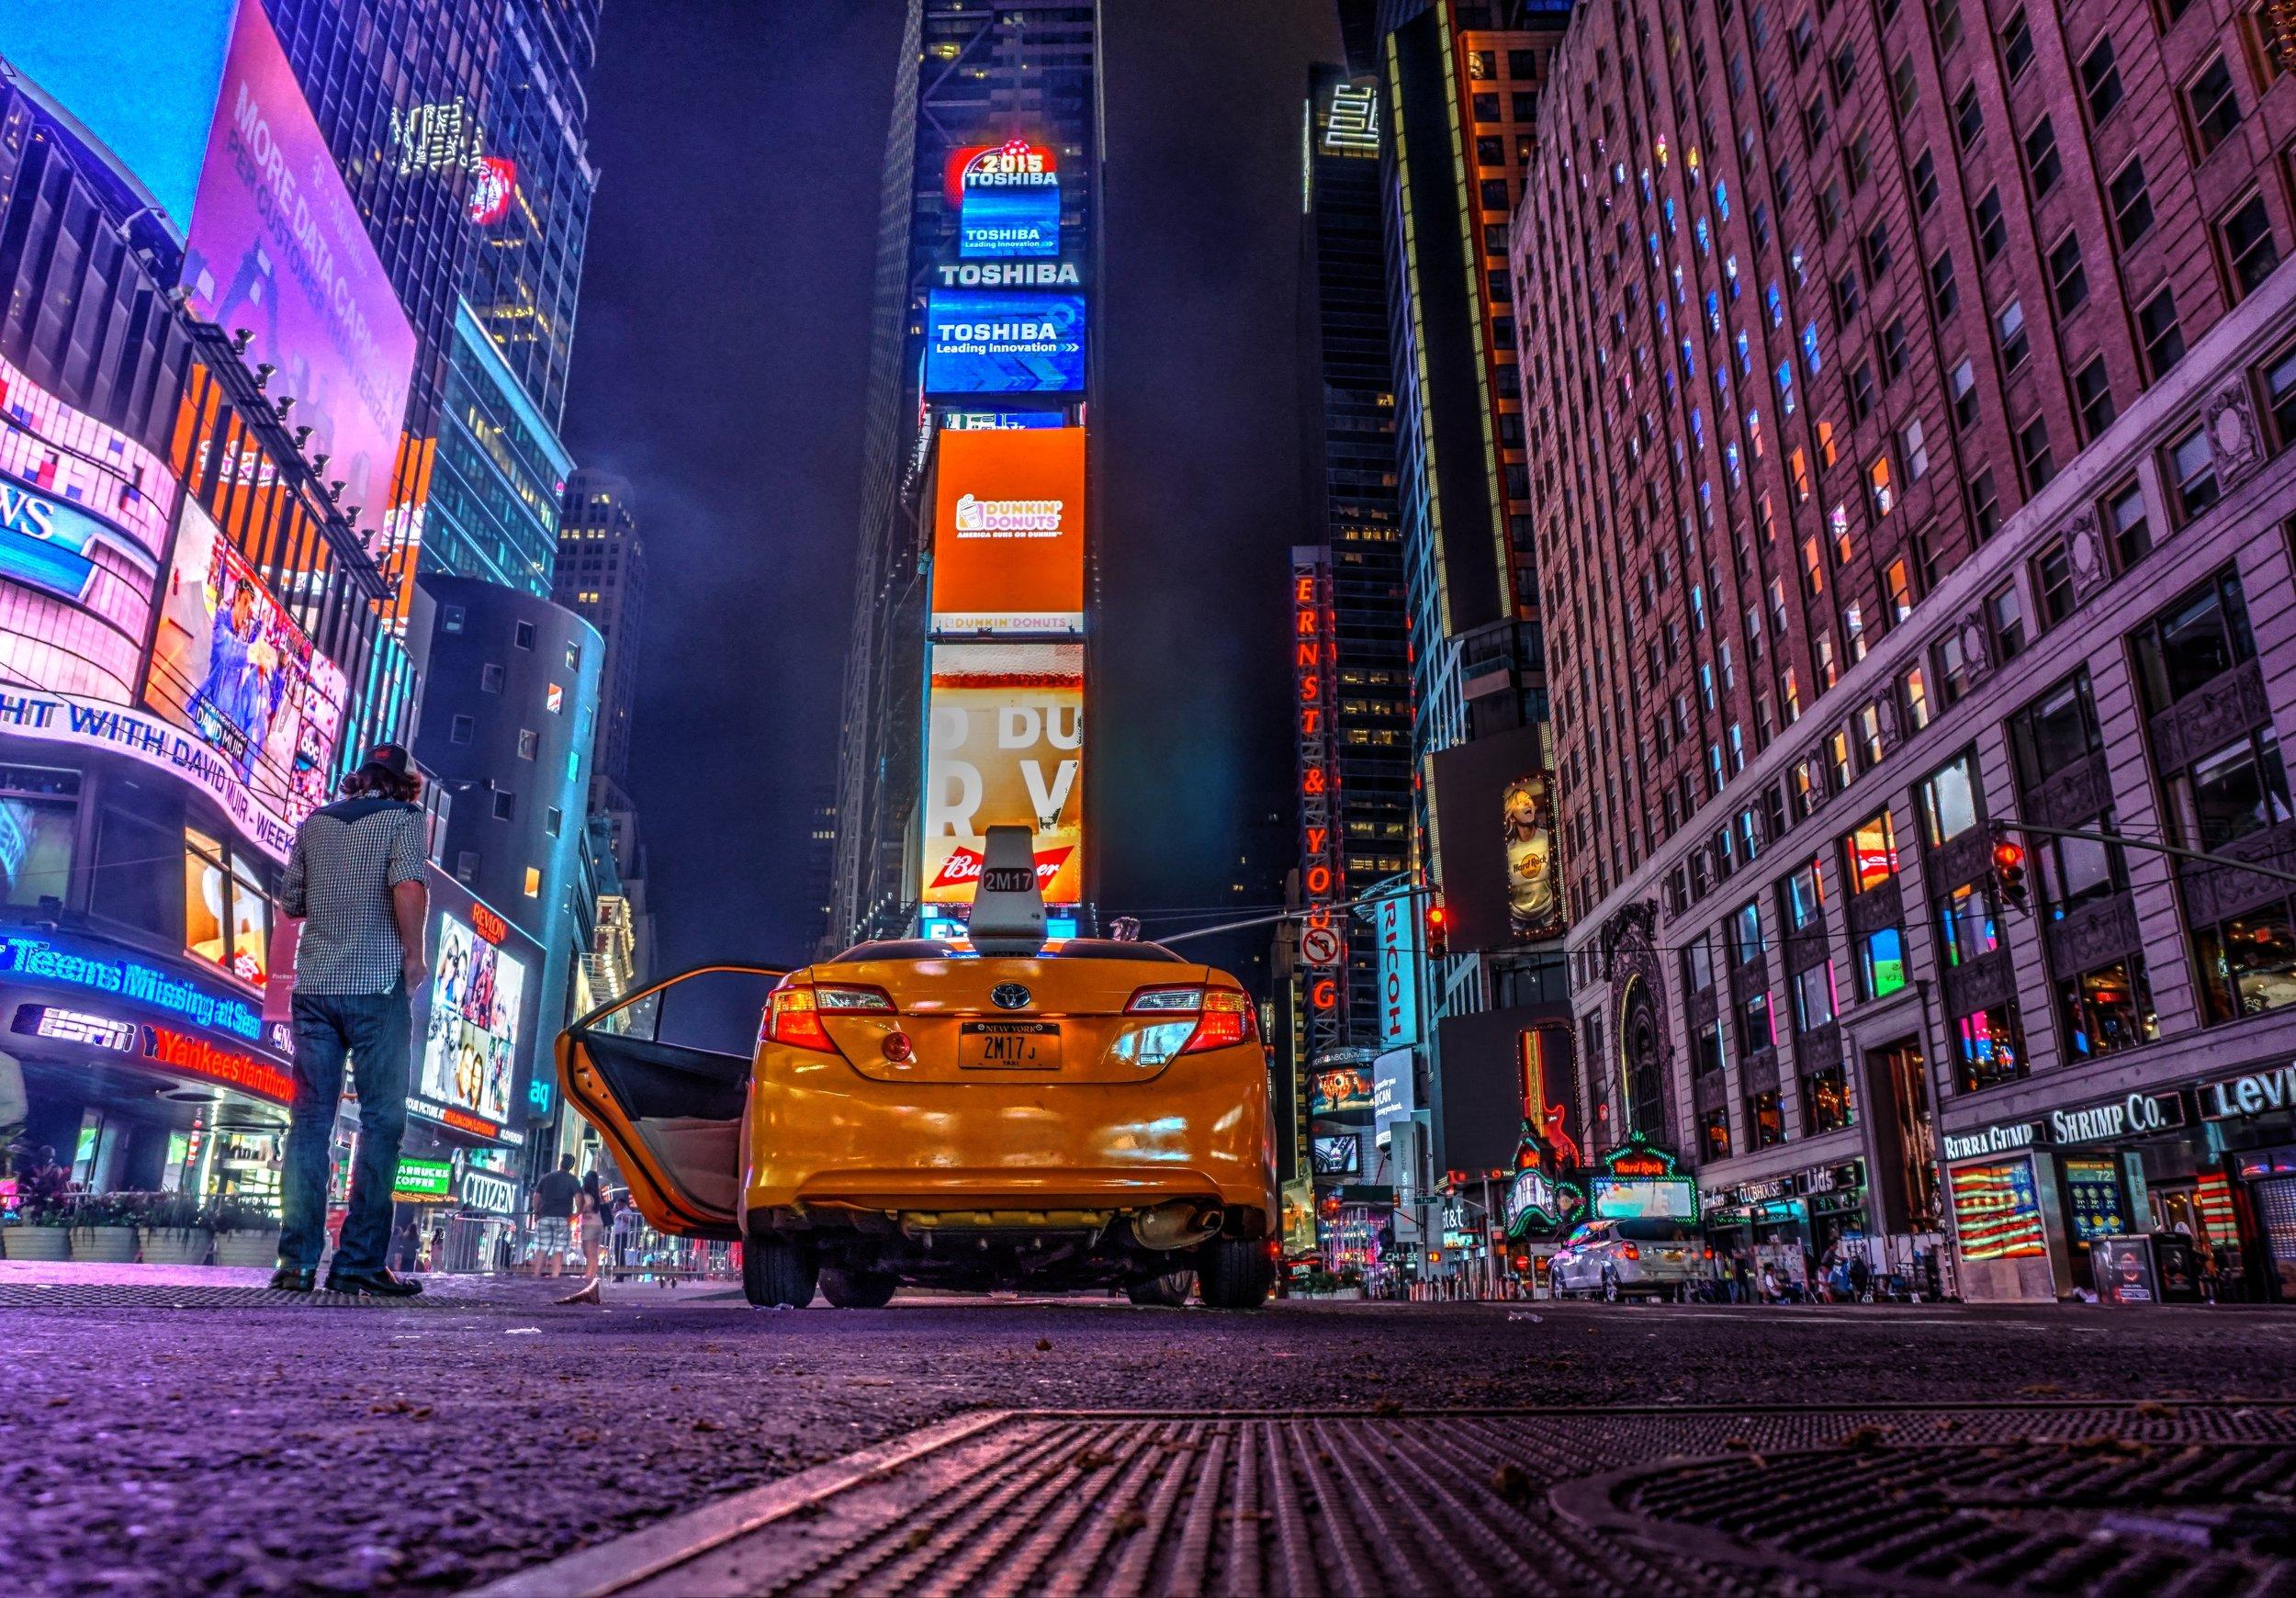 newyorktaxi.jpg